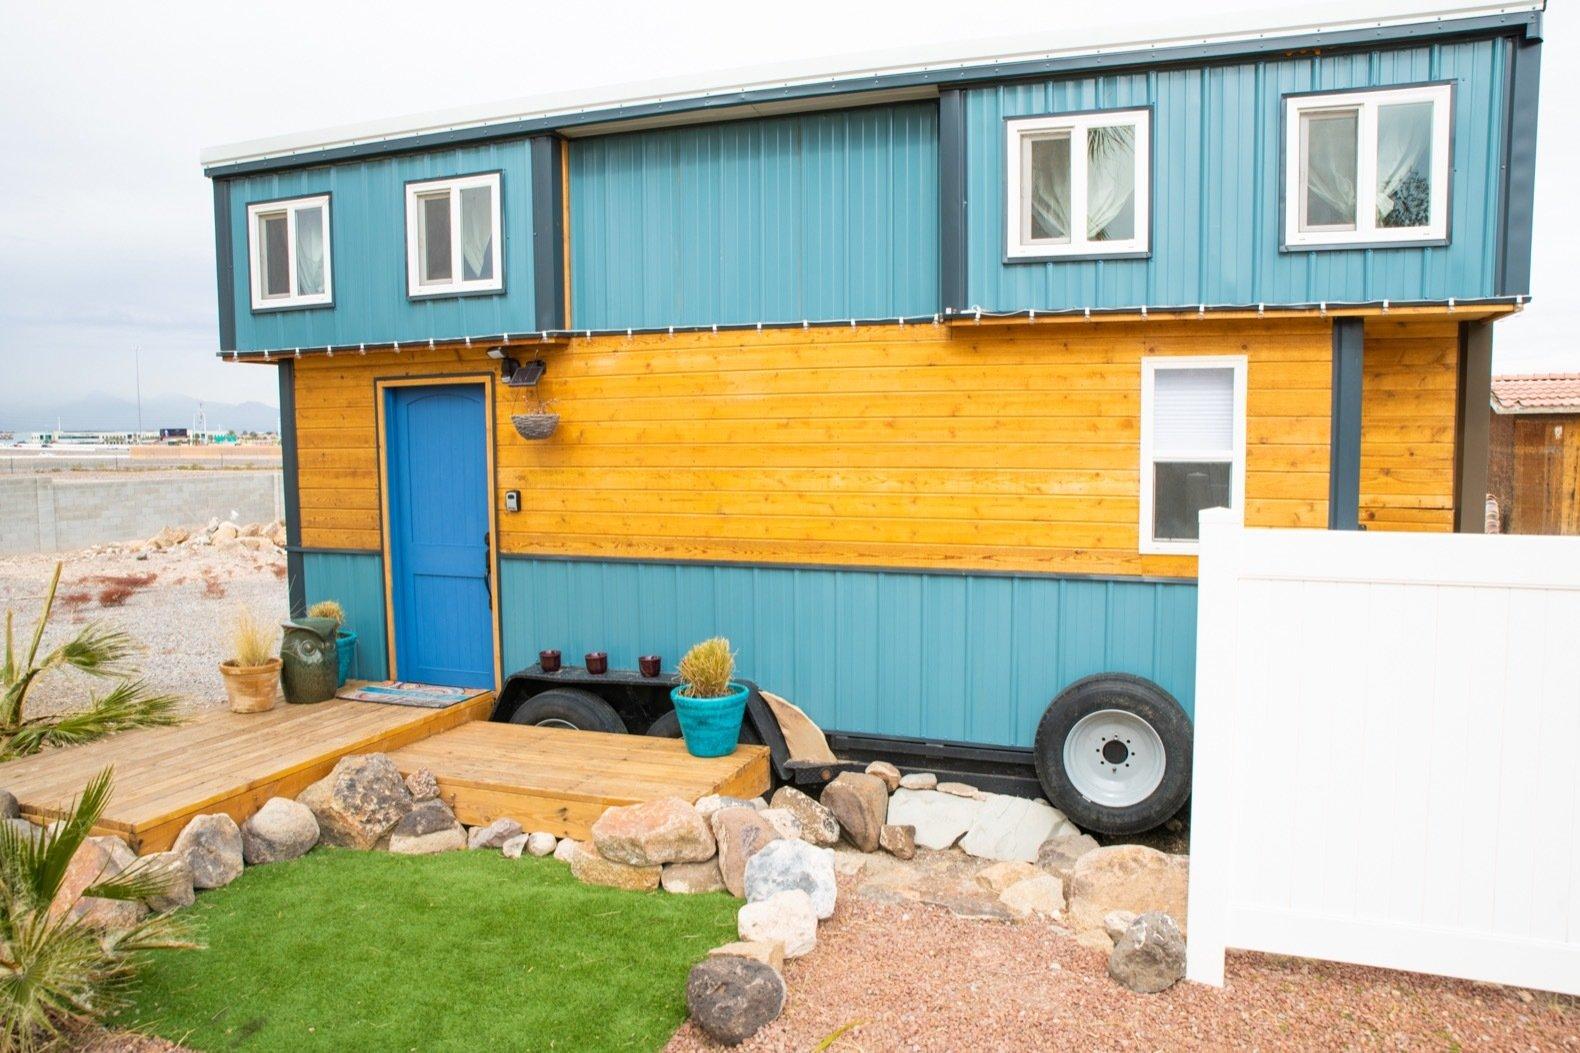 Blue Baloo tiny home